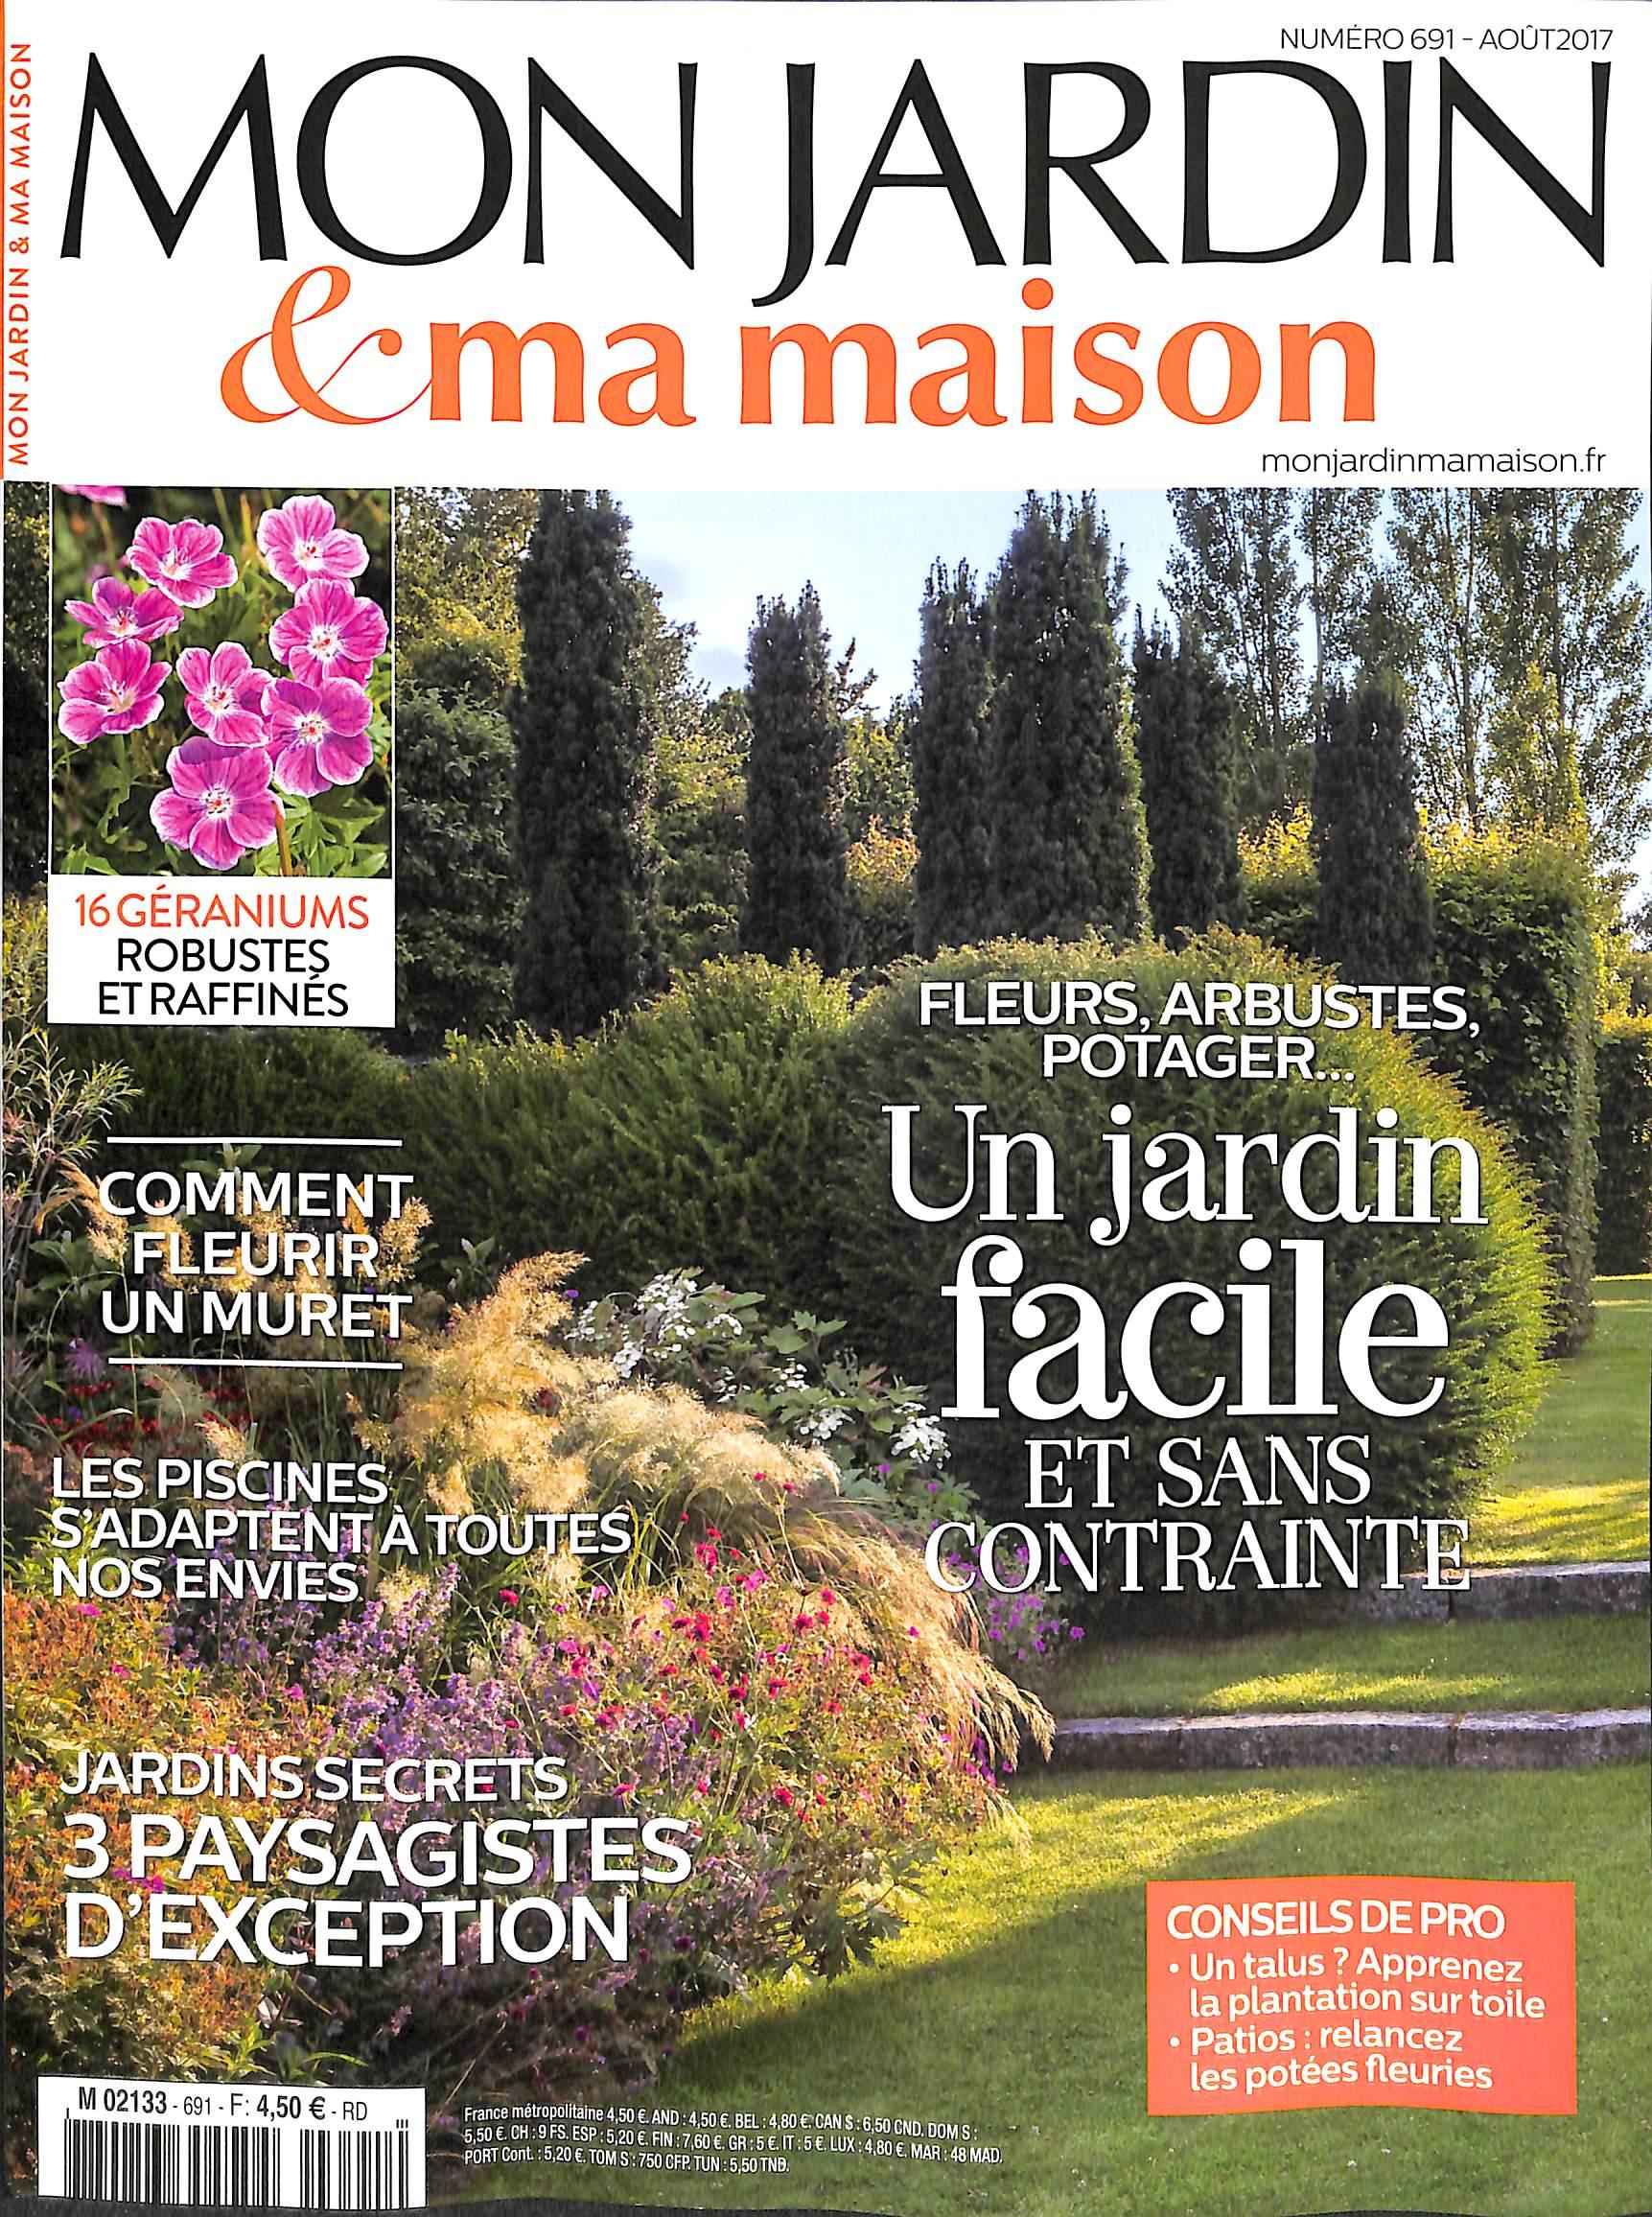 Mon Jardin Et Ma Maison N° 691 – Abonnement Mon Jardin Et Ma ... encequiconcerne Magazine Mon Jardin Et Ma Maison